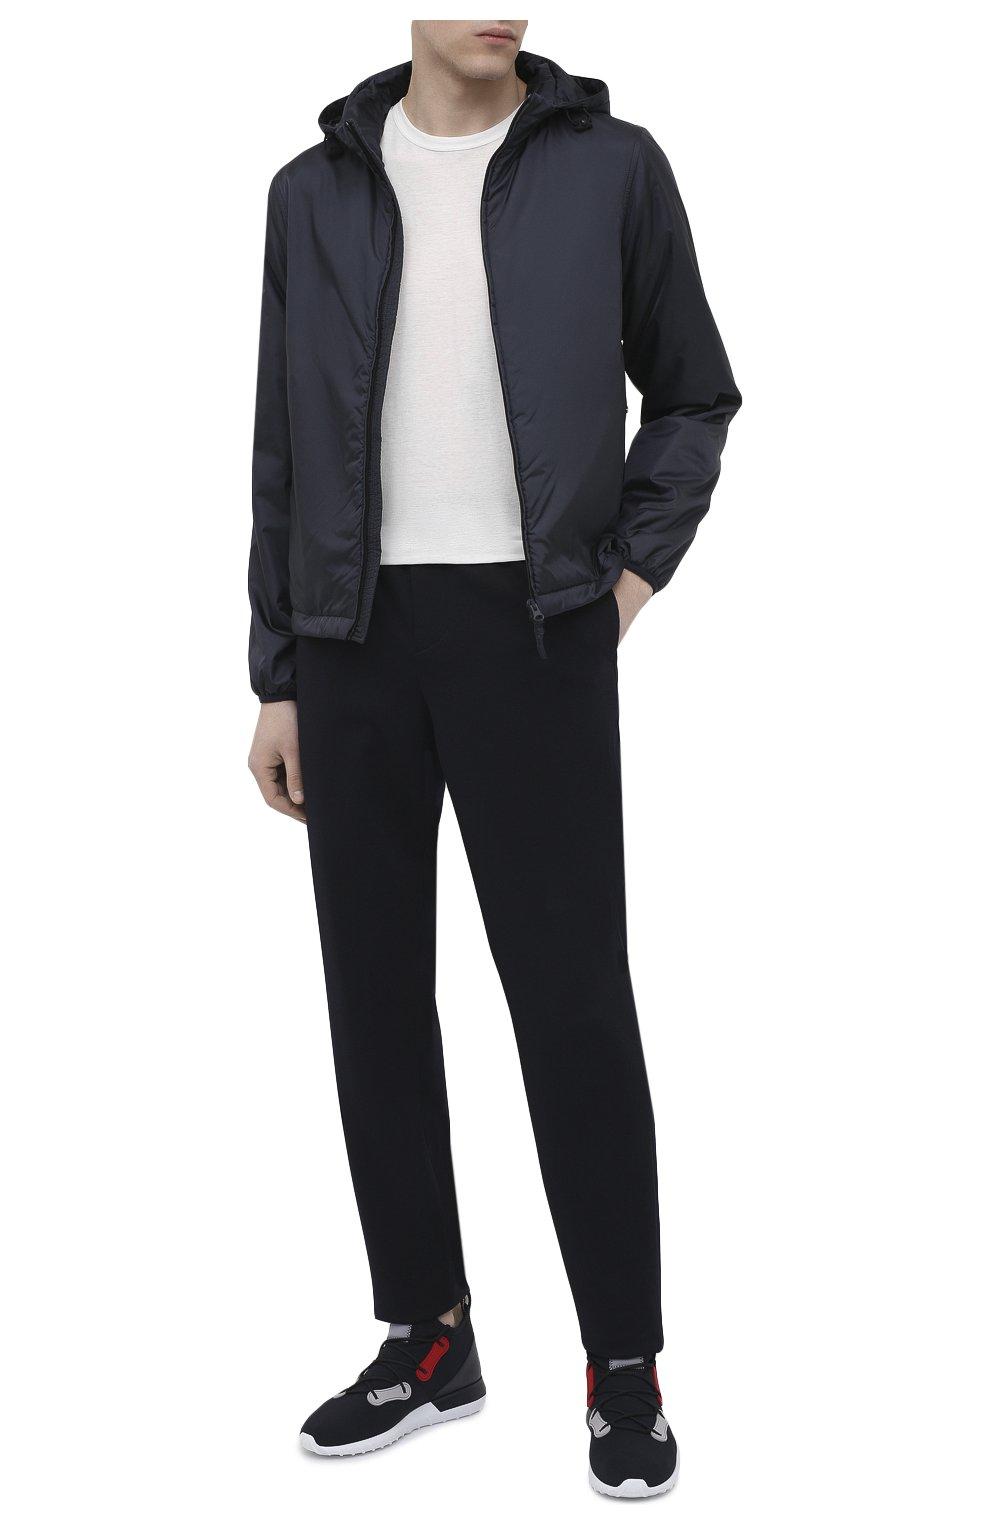 Мужская утепленная куртка ASPESI синего цвета, арт. S1 I I001 7961 | Фото 2 (Кросс-КТ: Куртка; Рукава: Длинные; Материал внешний: Синтетический материал; Мужское Кросс-КТ: утепленные куртки; Материал подклада: Синтетический материал; Длина (верхняя одежда): Короткие; Стили: Кэжуэл)